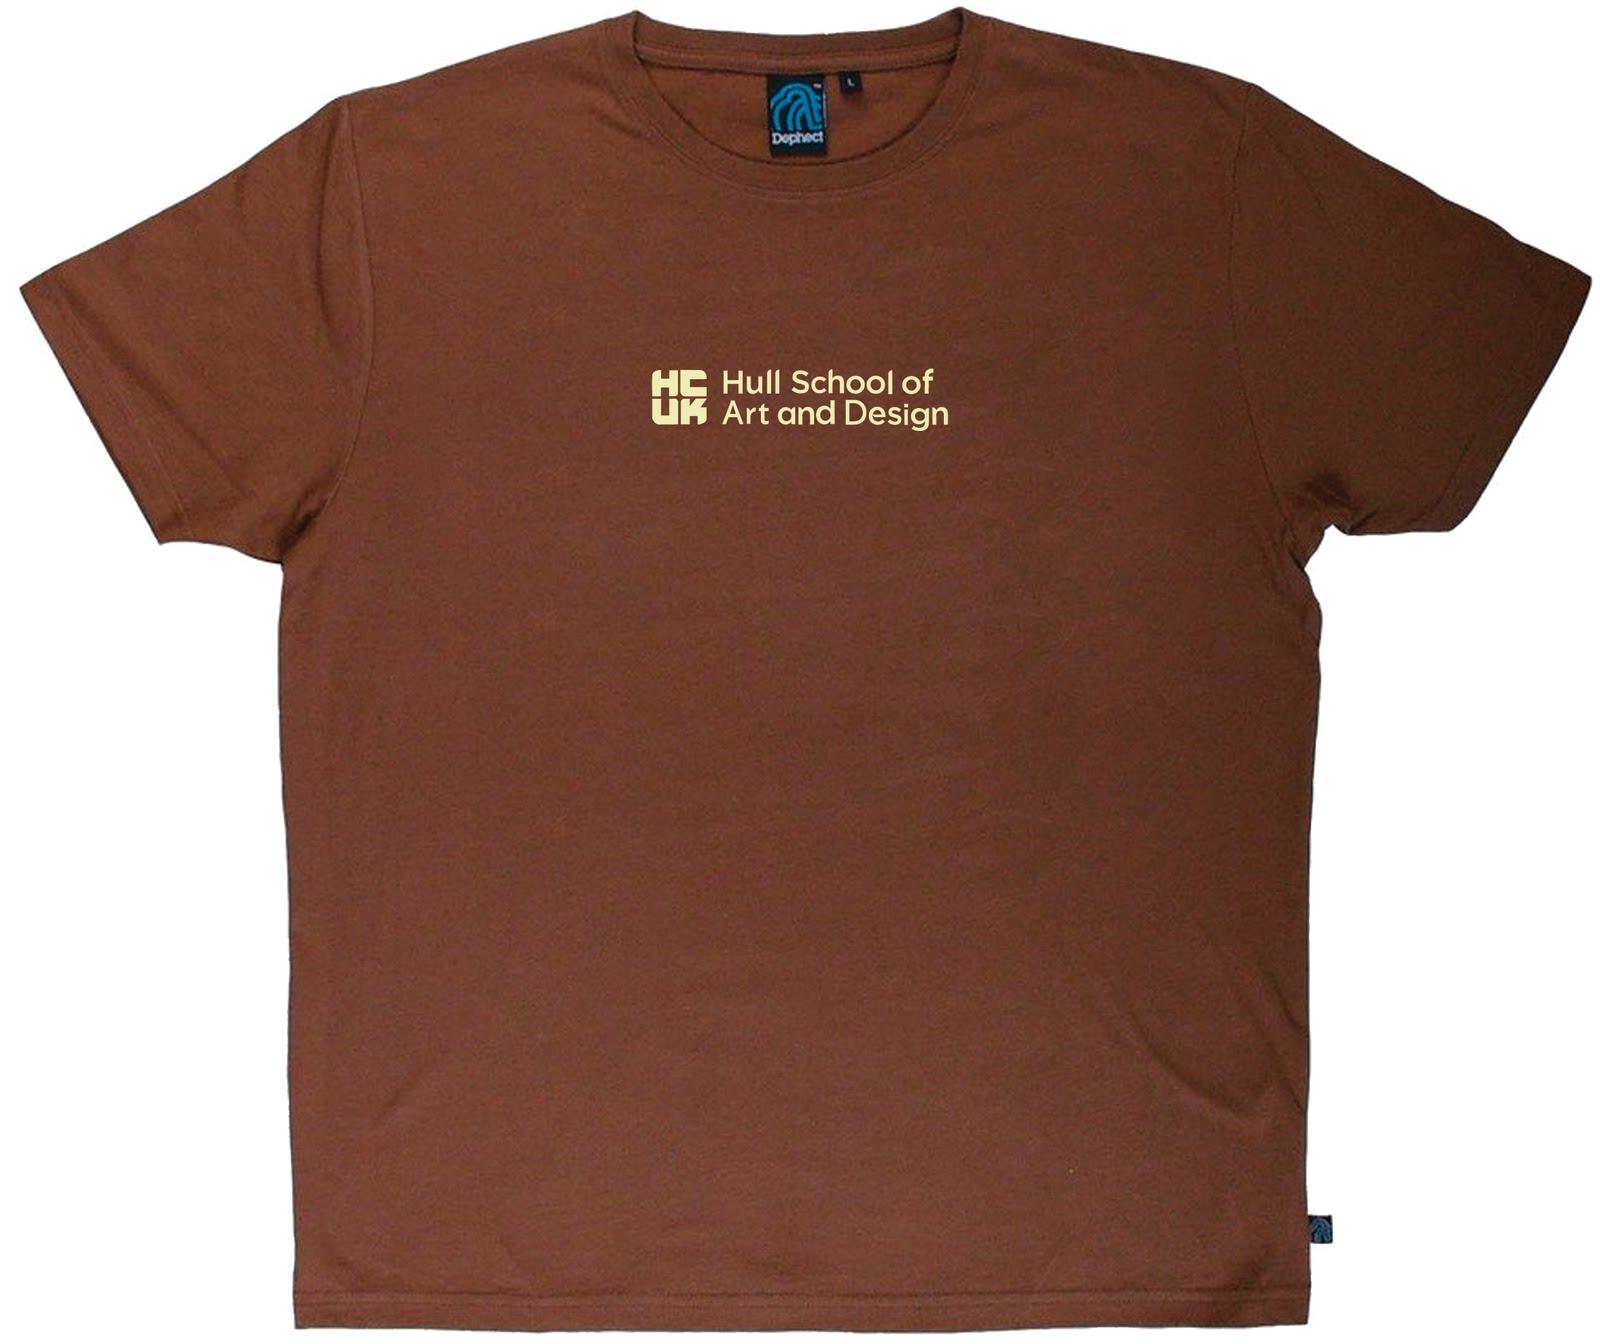 http://2.bp.blogspot.com/-C7GedSxYrvo/Ti-mc8LpwuI/AAAAAAAAALQ/bP3sIG0VA1Y/s1600/05++Tees+Shirt+Front.jpg